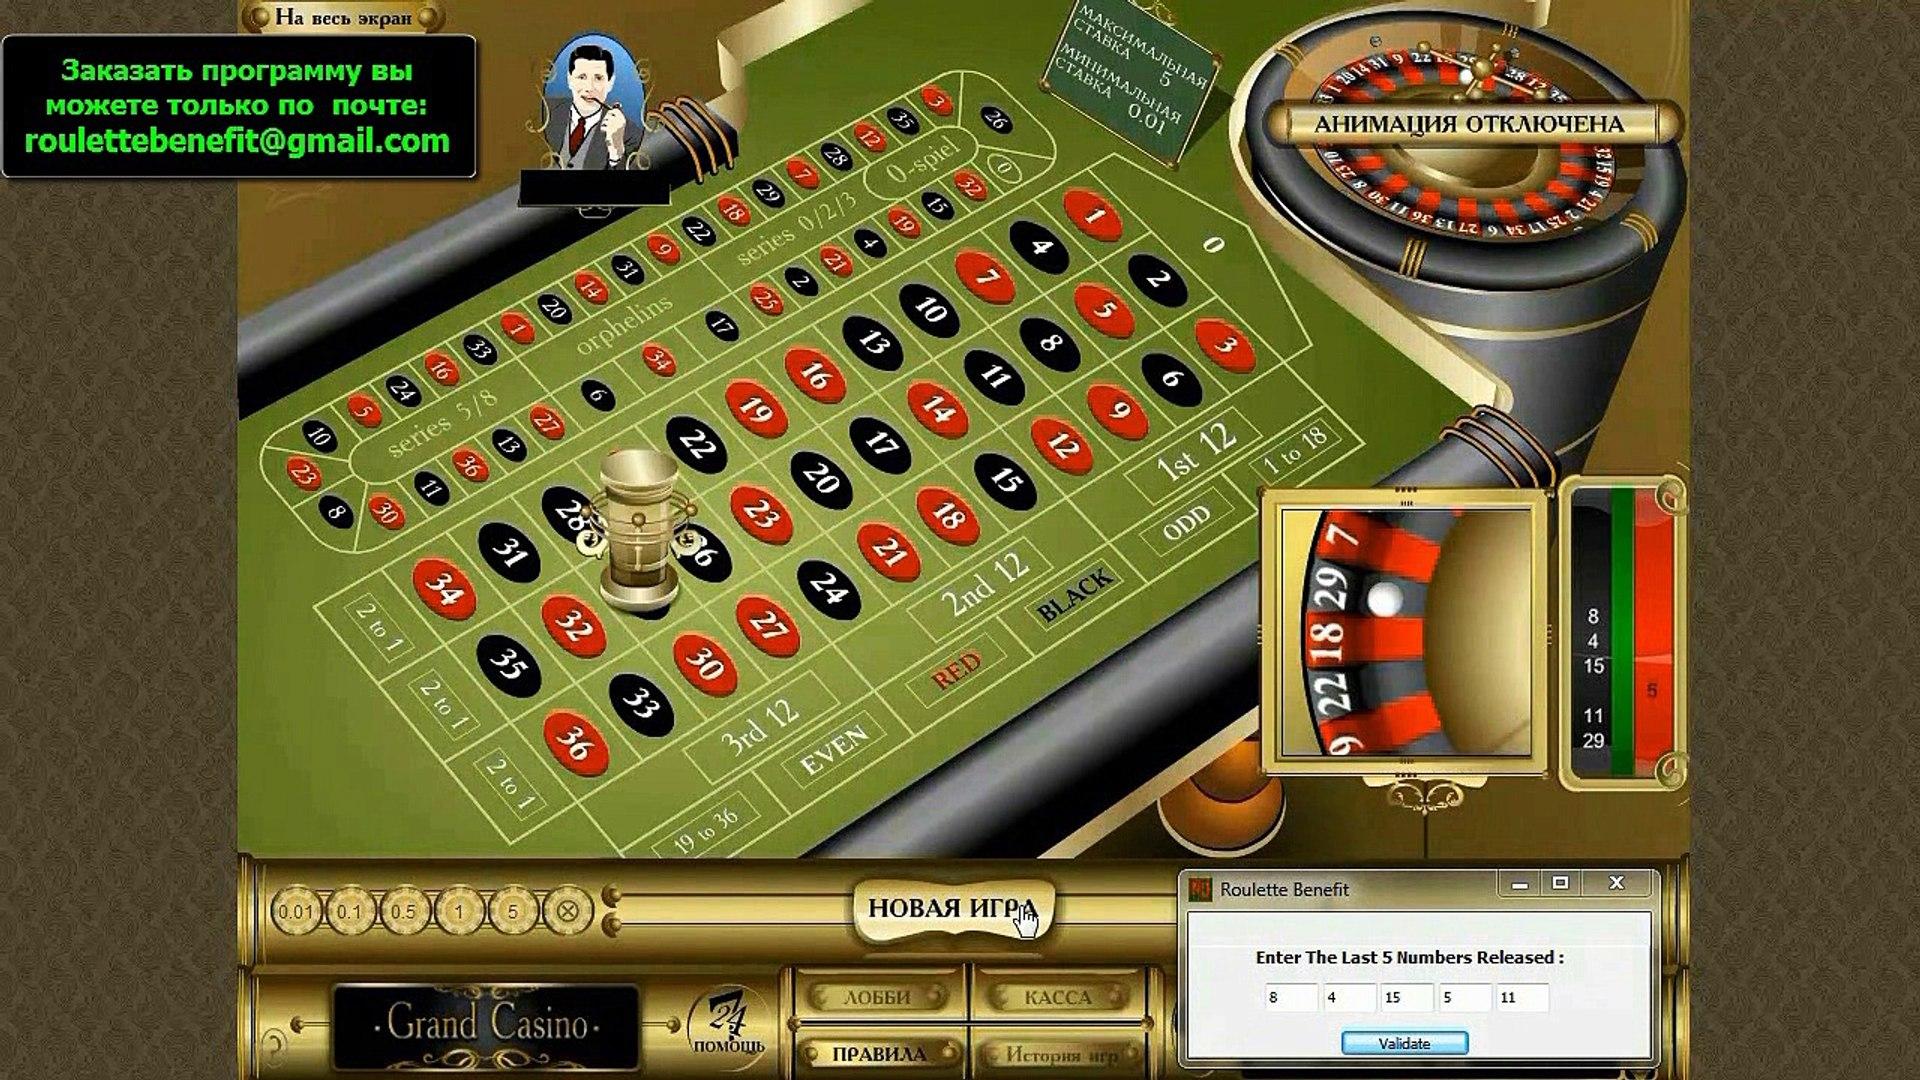 Стратегия для обыгрывания казино фильмы скорсезе смотреть онлайн казино